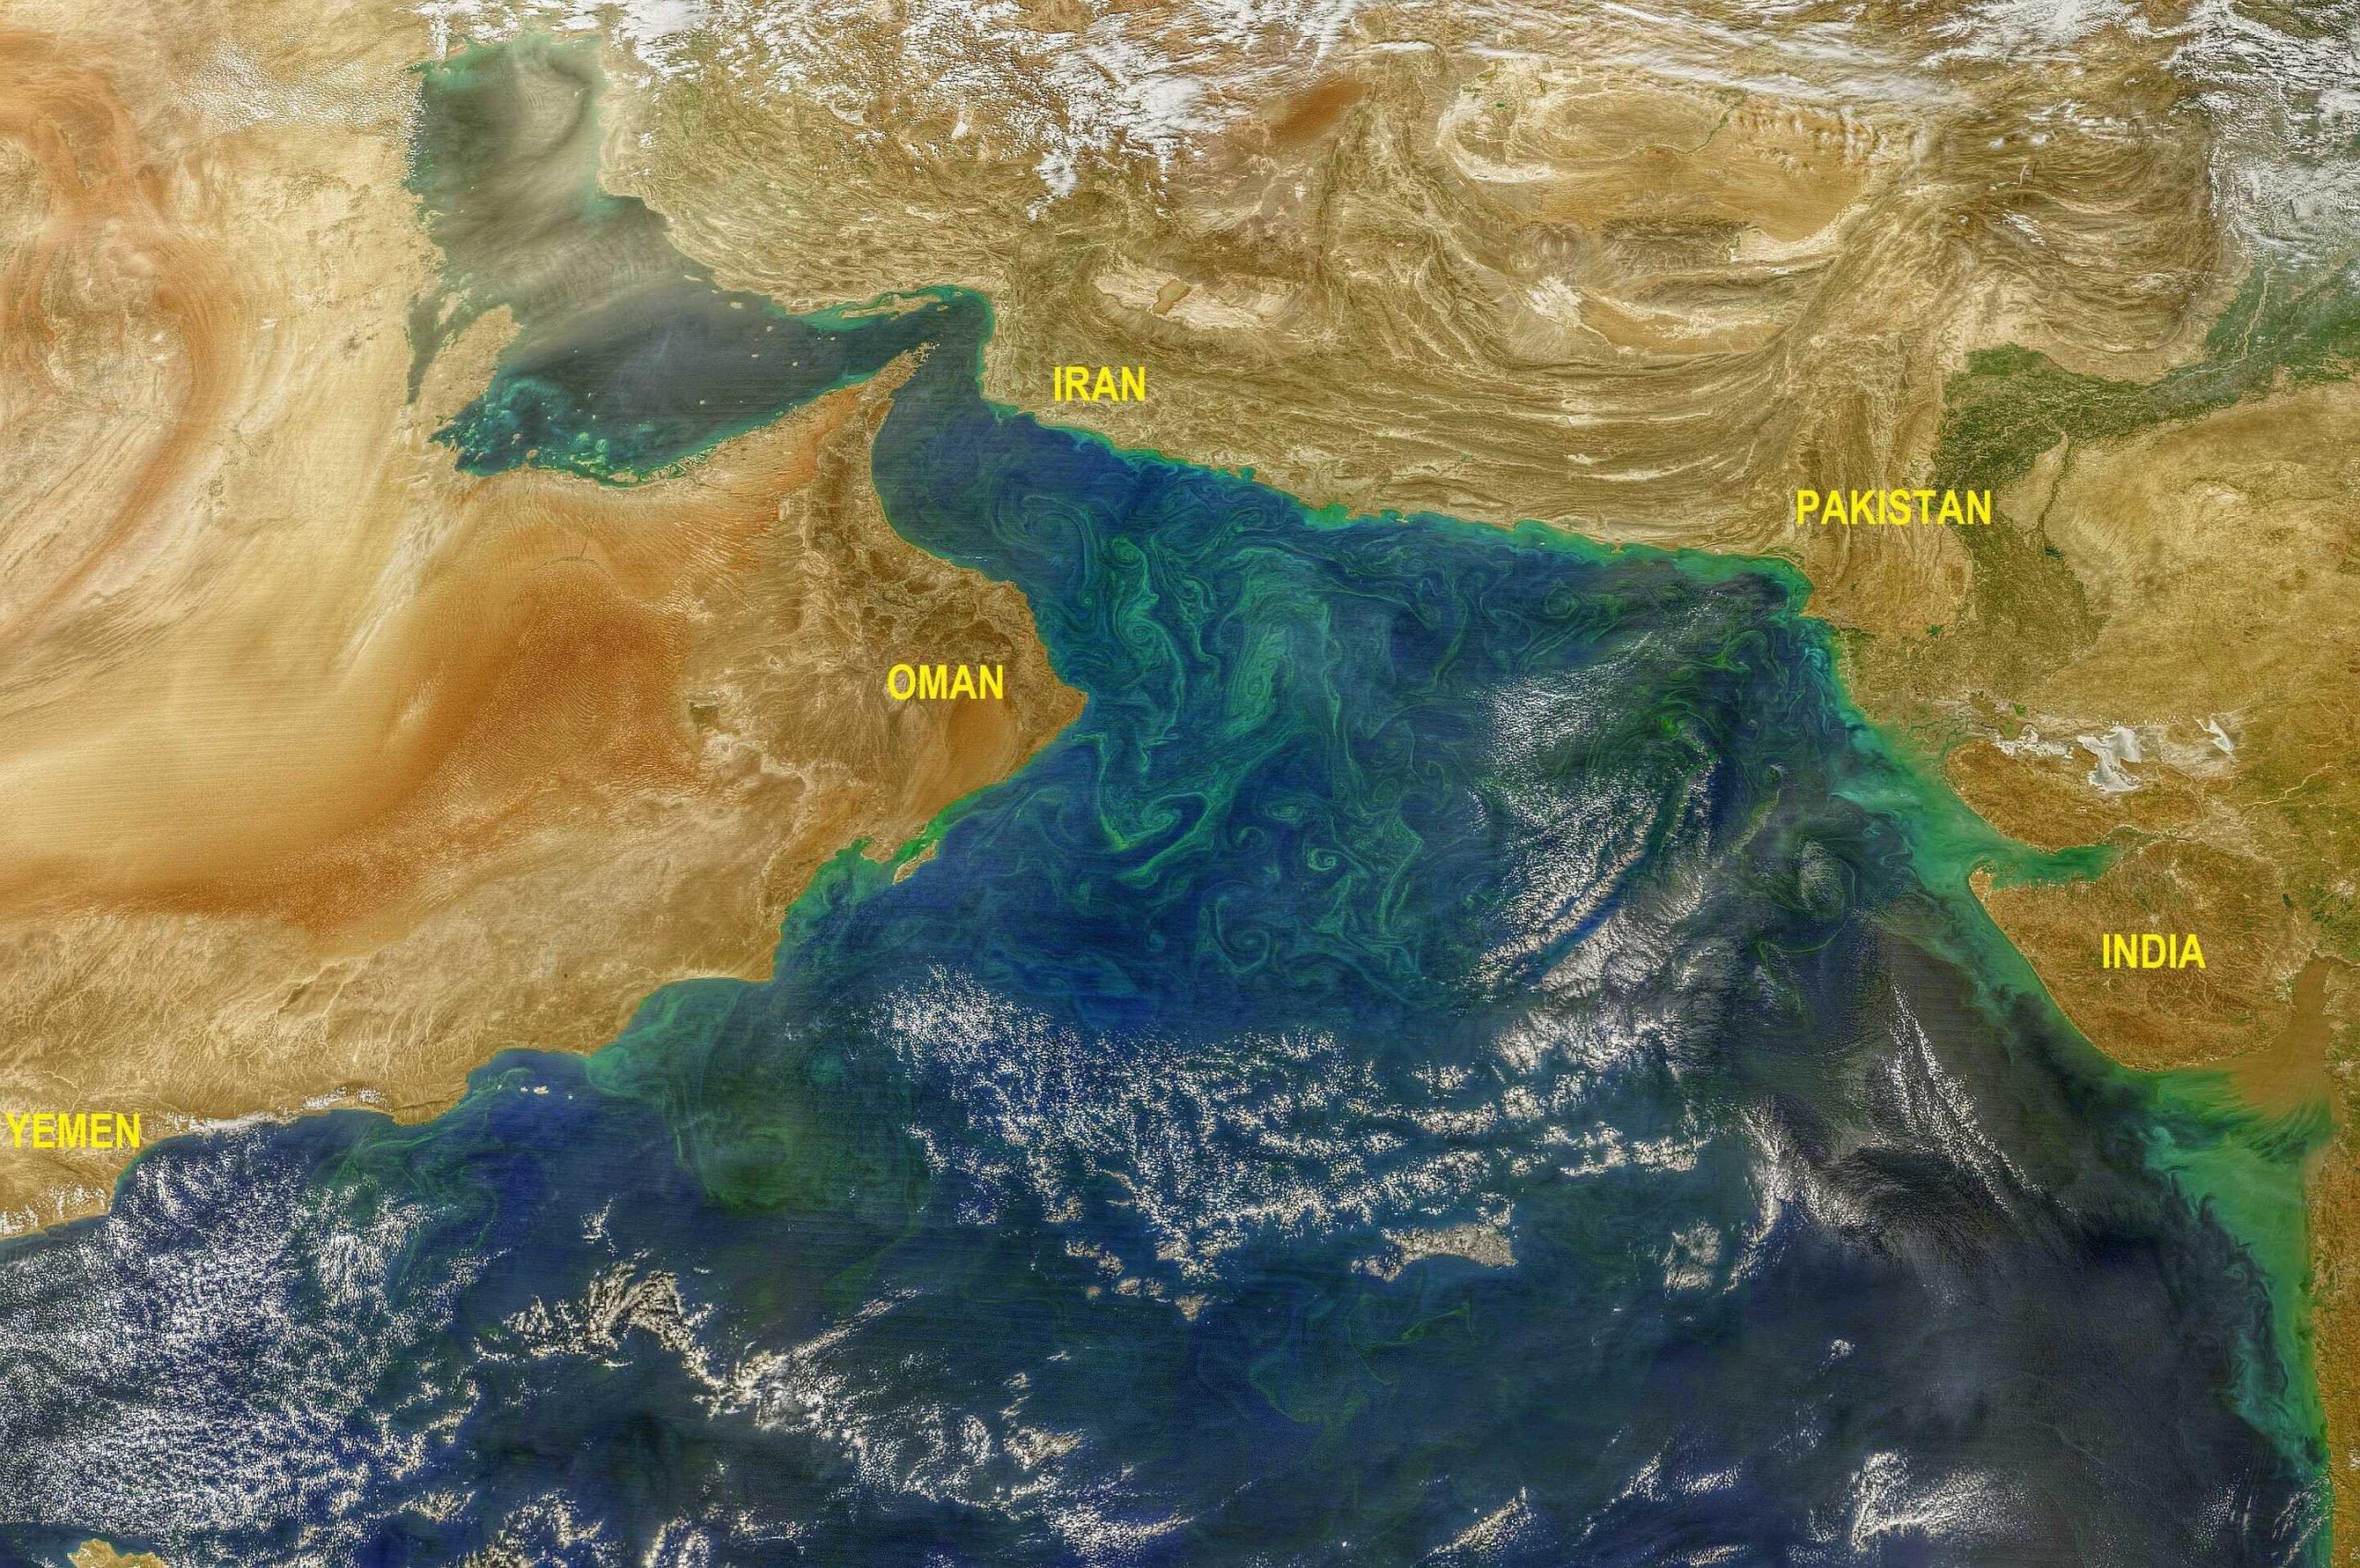 Algae blooms in the Arabian Sea